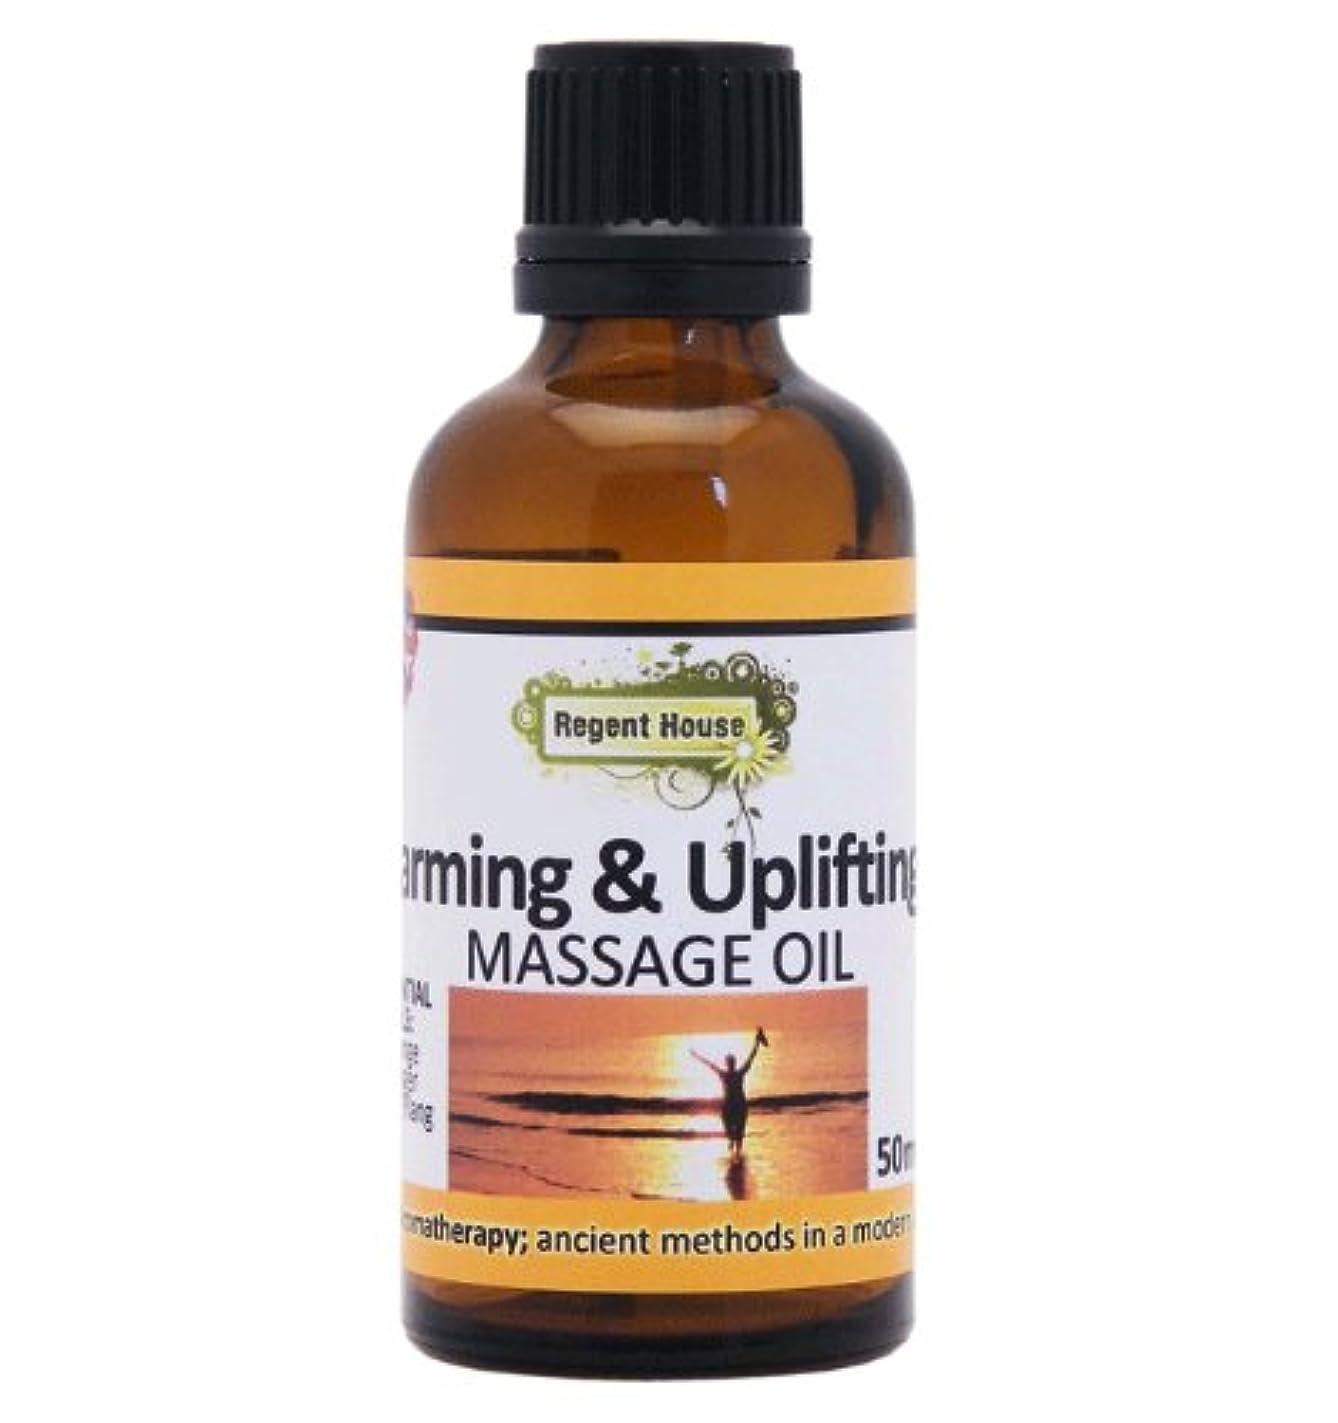 グループ純粋な無実イタリア産の天然オレンジ精油を、たっぷり配合。 アロマ ナチュラル マッサージオイル 50ml ウォーミング&アップリフティング(Aroma Massage Oil Warming & Uplifting)